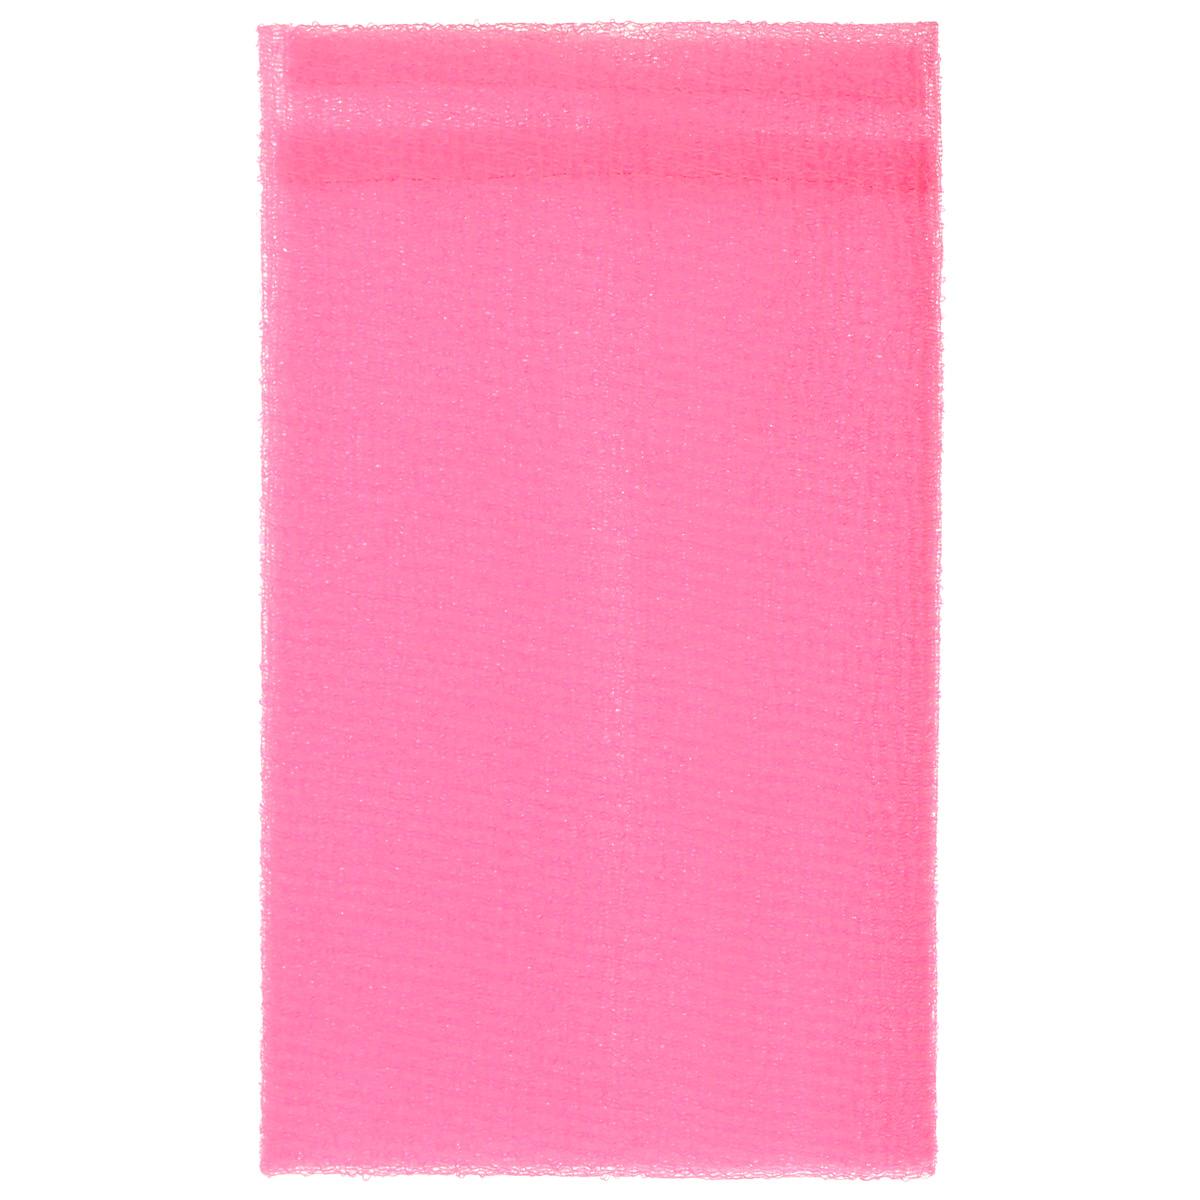 Мочалка-скраб The Body Time, цвет: розовый, 100 см х 30 см57051Мочалка-скраб The Body Time изготовлена из нейлона. Благодаря особому переплетению волокон, мочалка прекрасно очищает, массирует и тонизирует кожу, создает пышную пену даже при экономном использовании геля для душа. Изделие можно использовать как мочалку-бант или как длинную мочалку для спины.